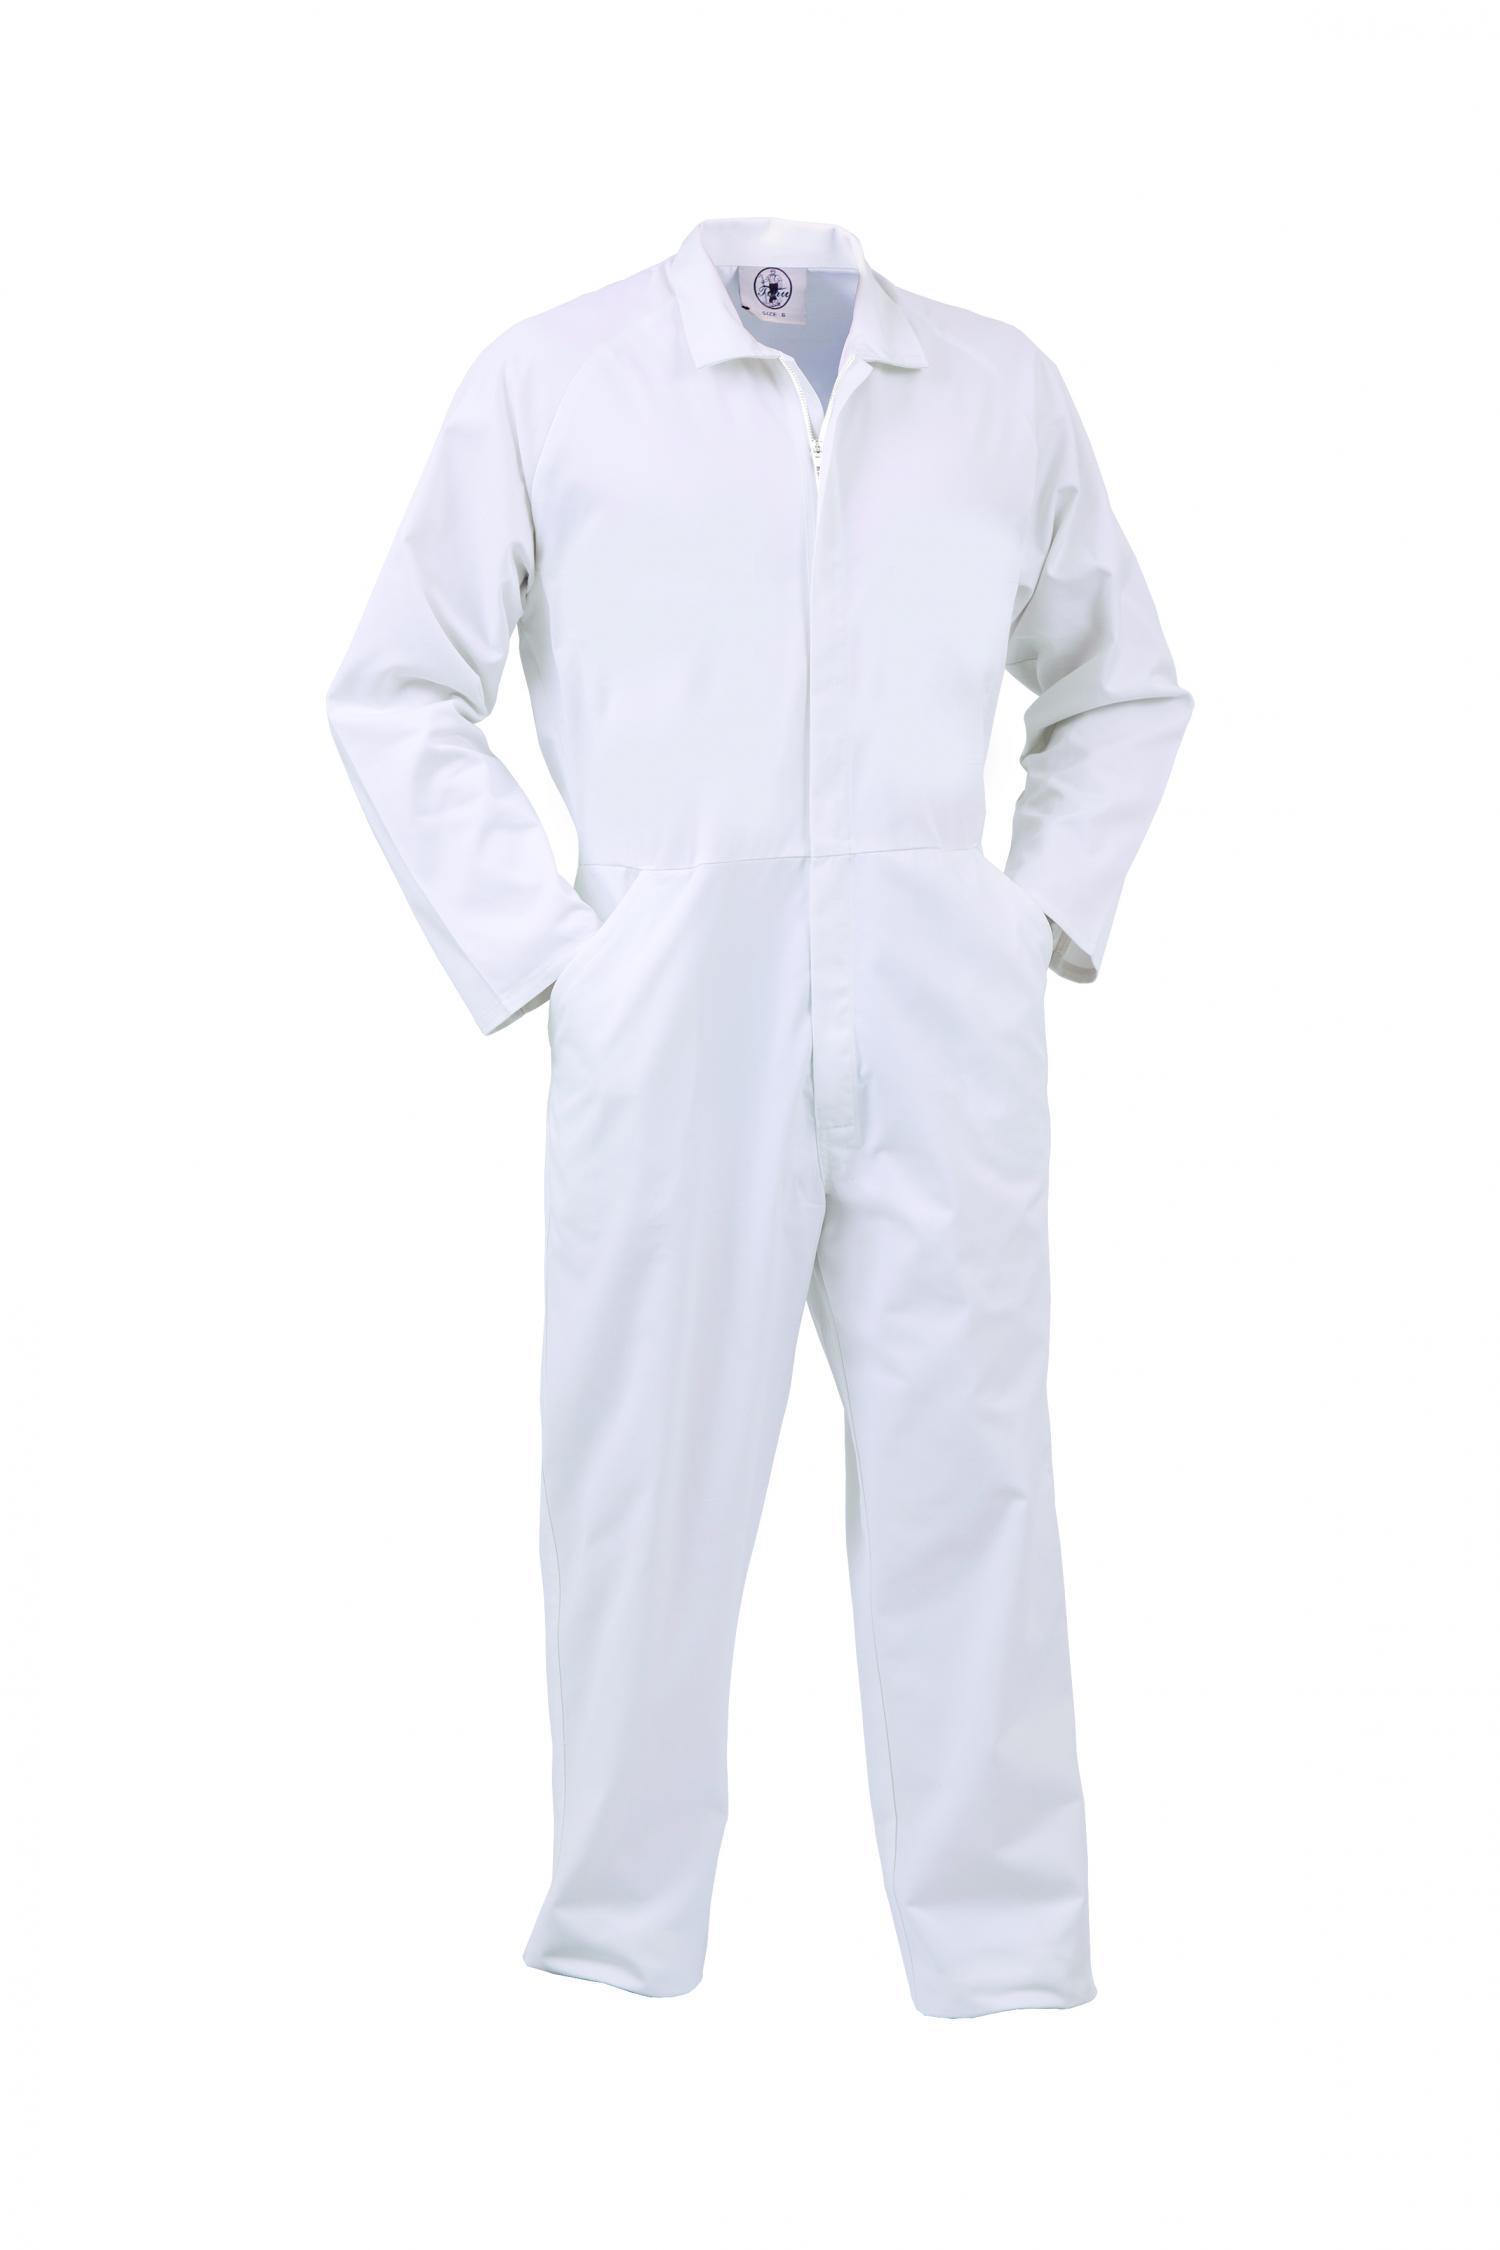 új hiteles forró eladás új kiadás Food Industry Zip Overall - Workwear - Workwear - The Uniform Factory